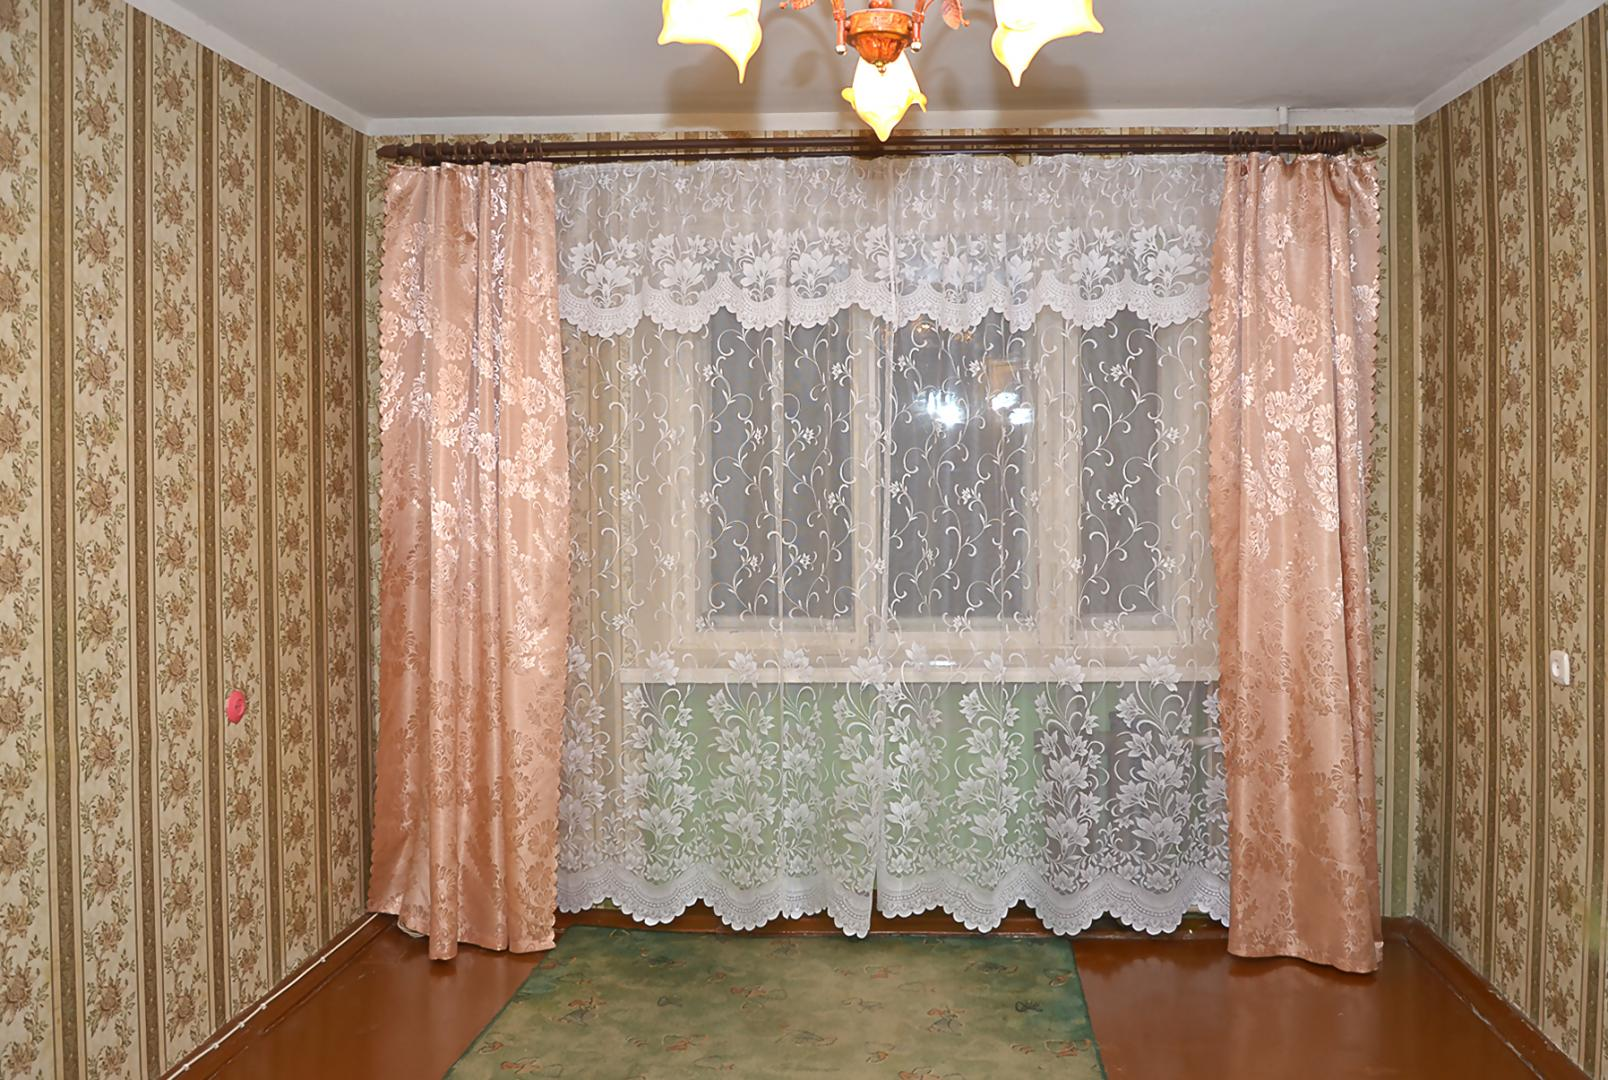 Продам комната по адресу Россия, Ярославская область, городской округ Рыбинск, Рыбинск, улица 9 Мая, 15 фото 0 по выгодной цене